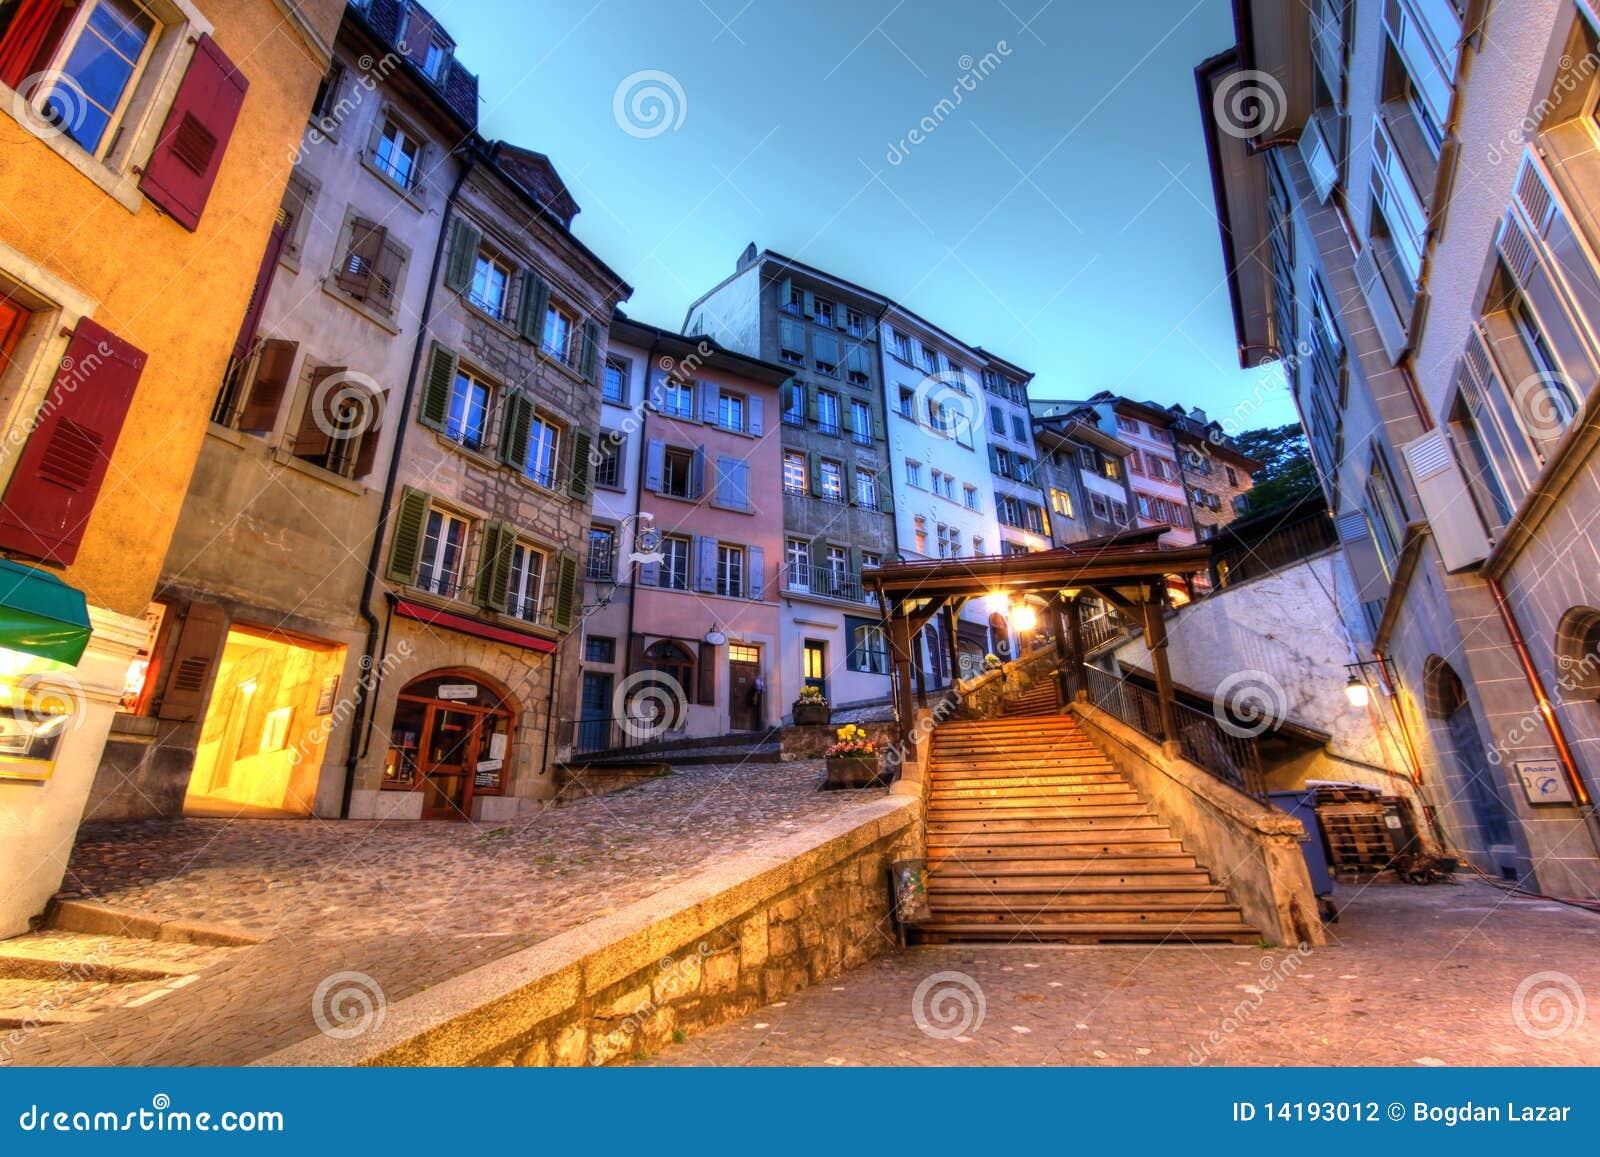 Du escaliers lausanne marche switzerland